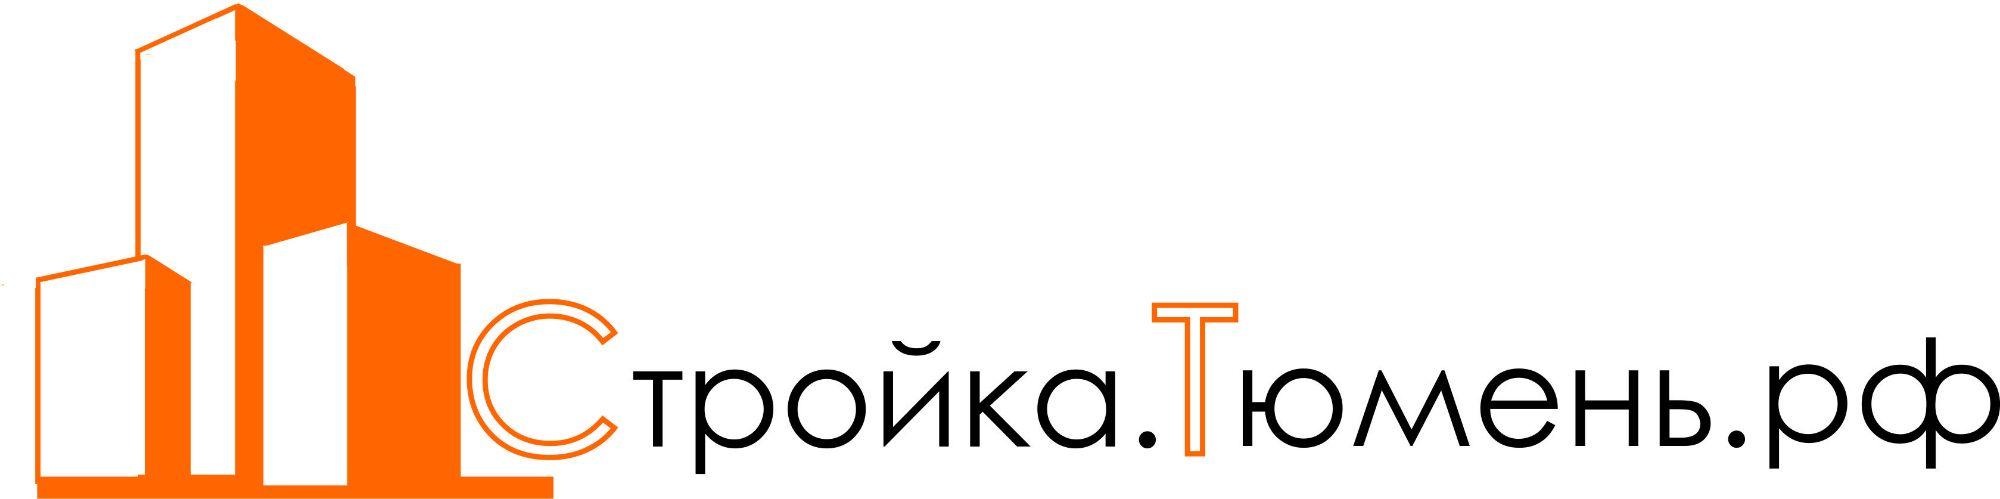 Логотип для строительного портала - дизайнер Humanoid_007